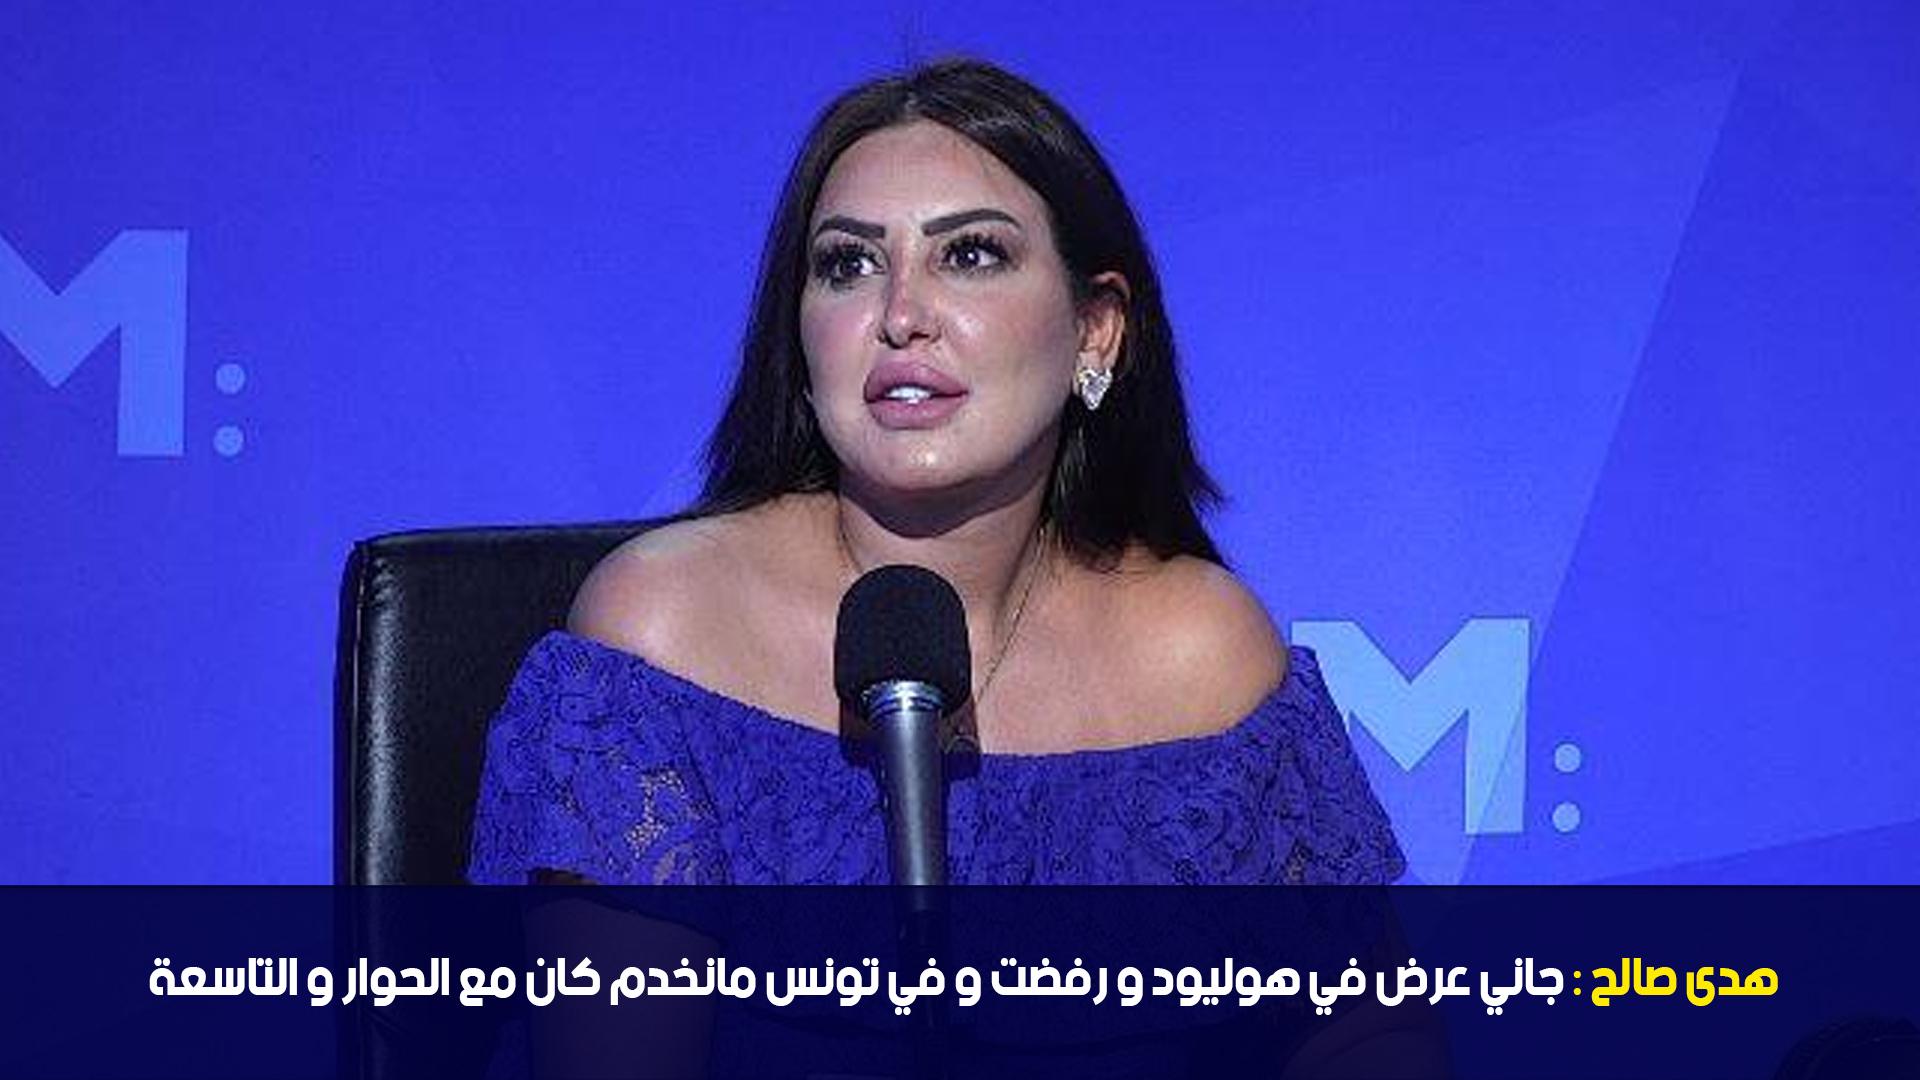 هدى صالح : جاني عرض في هوليود و رفضت و في تونس مانخدم كان مع الحوار و التاسعة